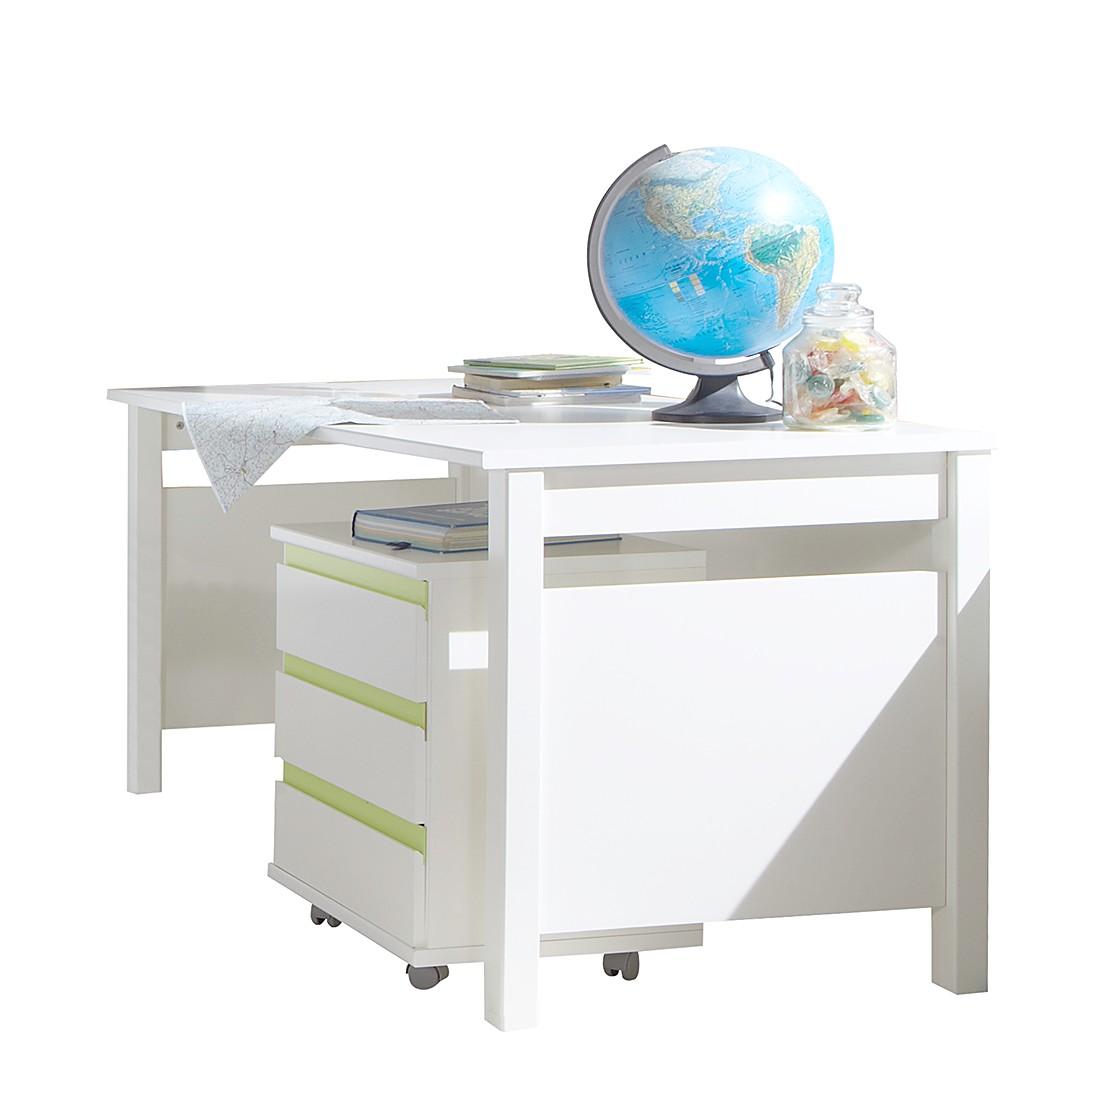 Home 24 - Bureau bibo - blanc alpin / vert pomme - sans caisson, wimex